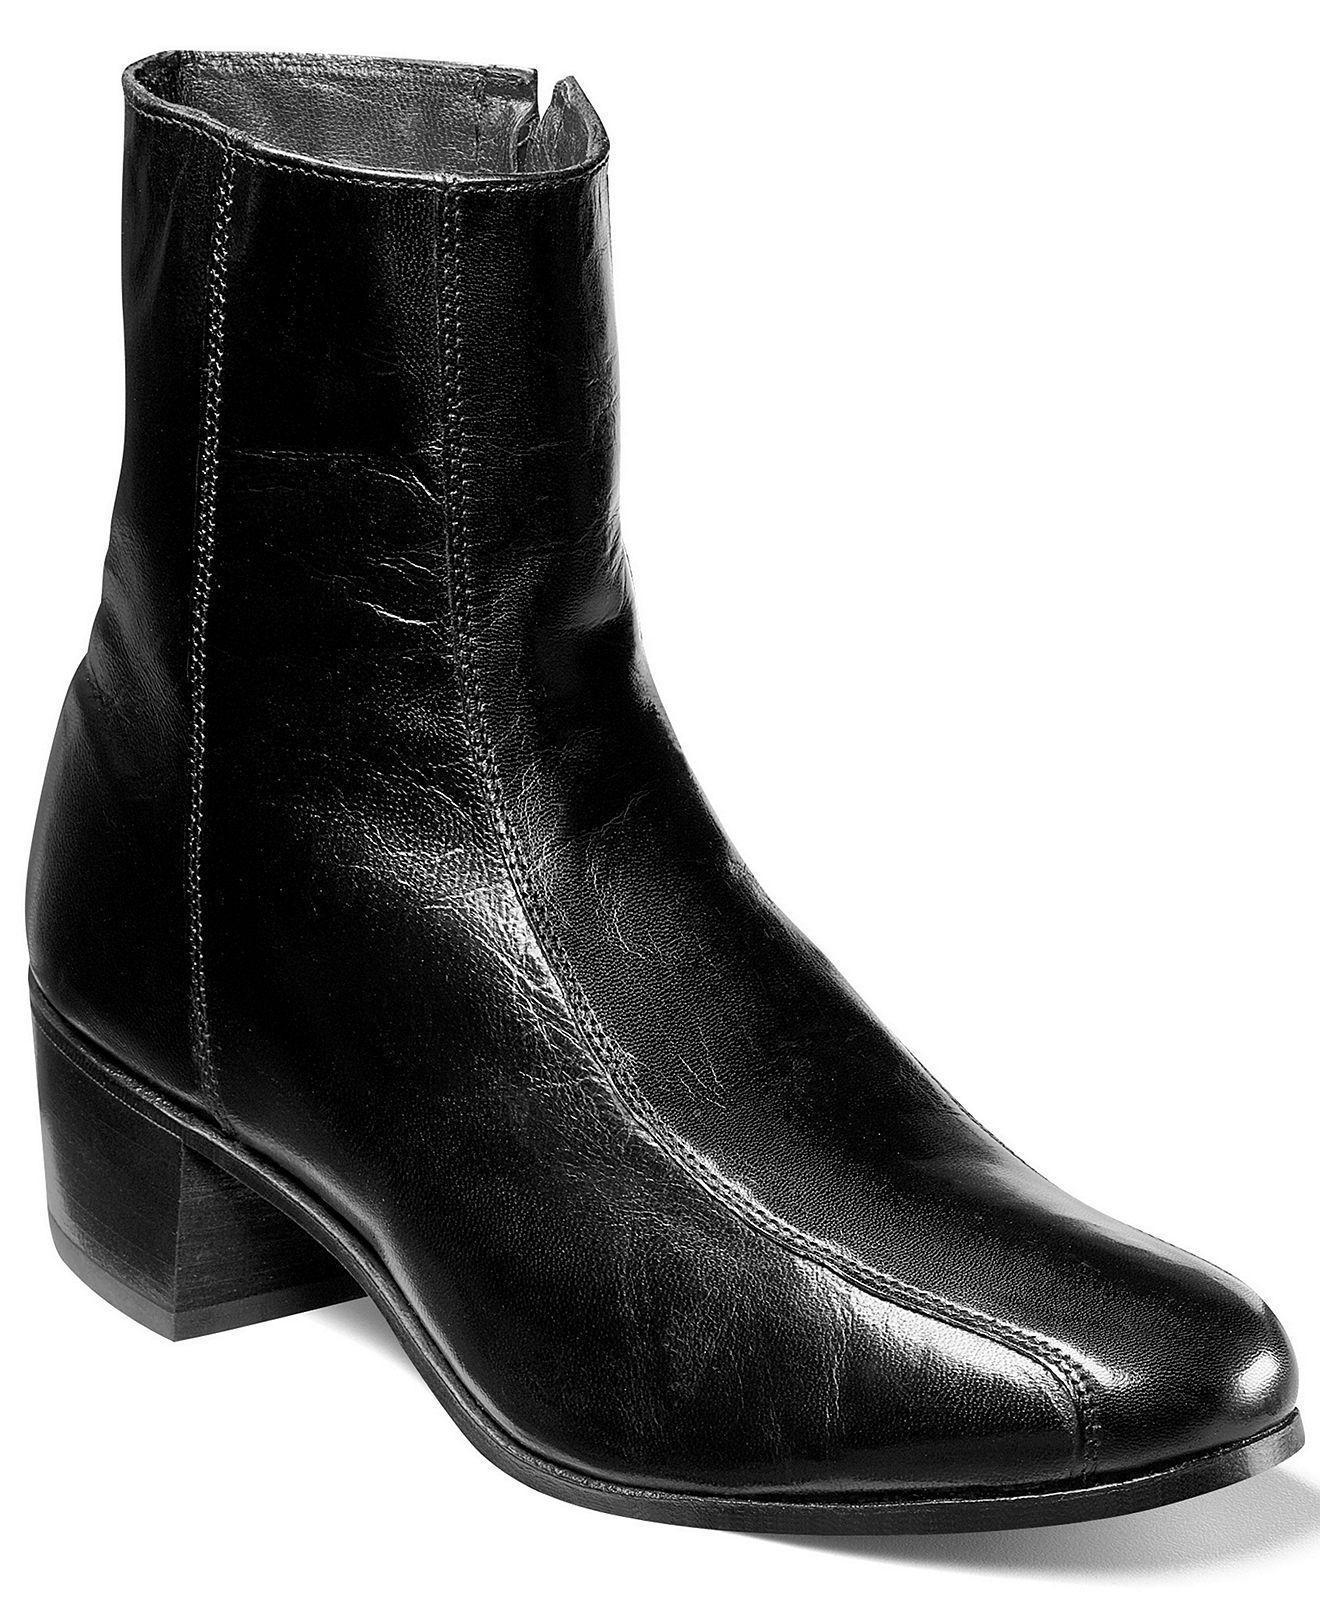 0947ead74f6 Men's Duke Bike Toe Ankle Boot | FOR ME | Ankle boots men, Mens ...